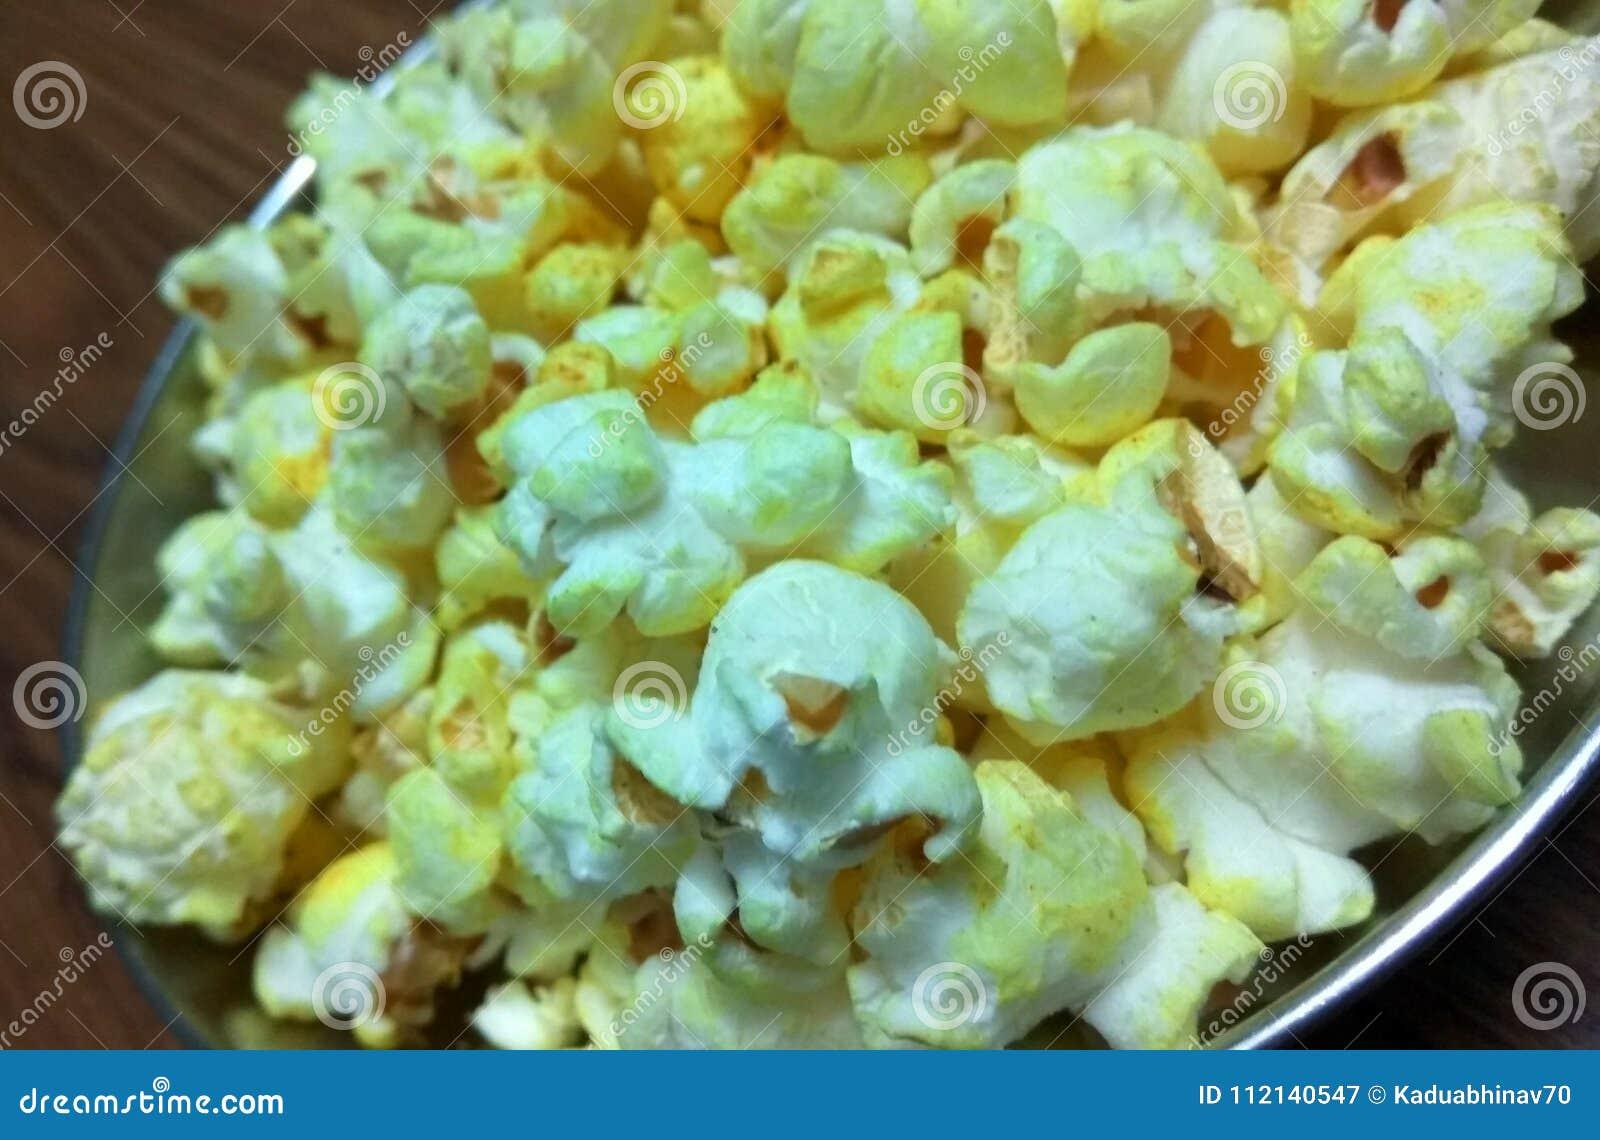 Closeup click of Popcorn